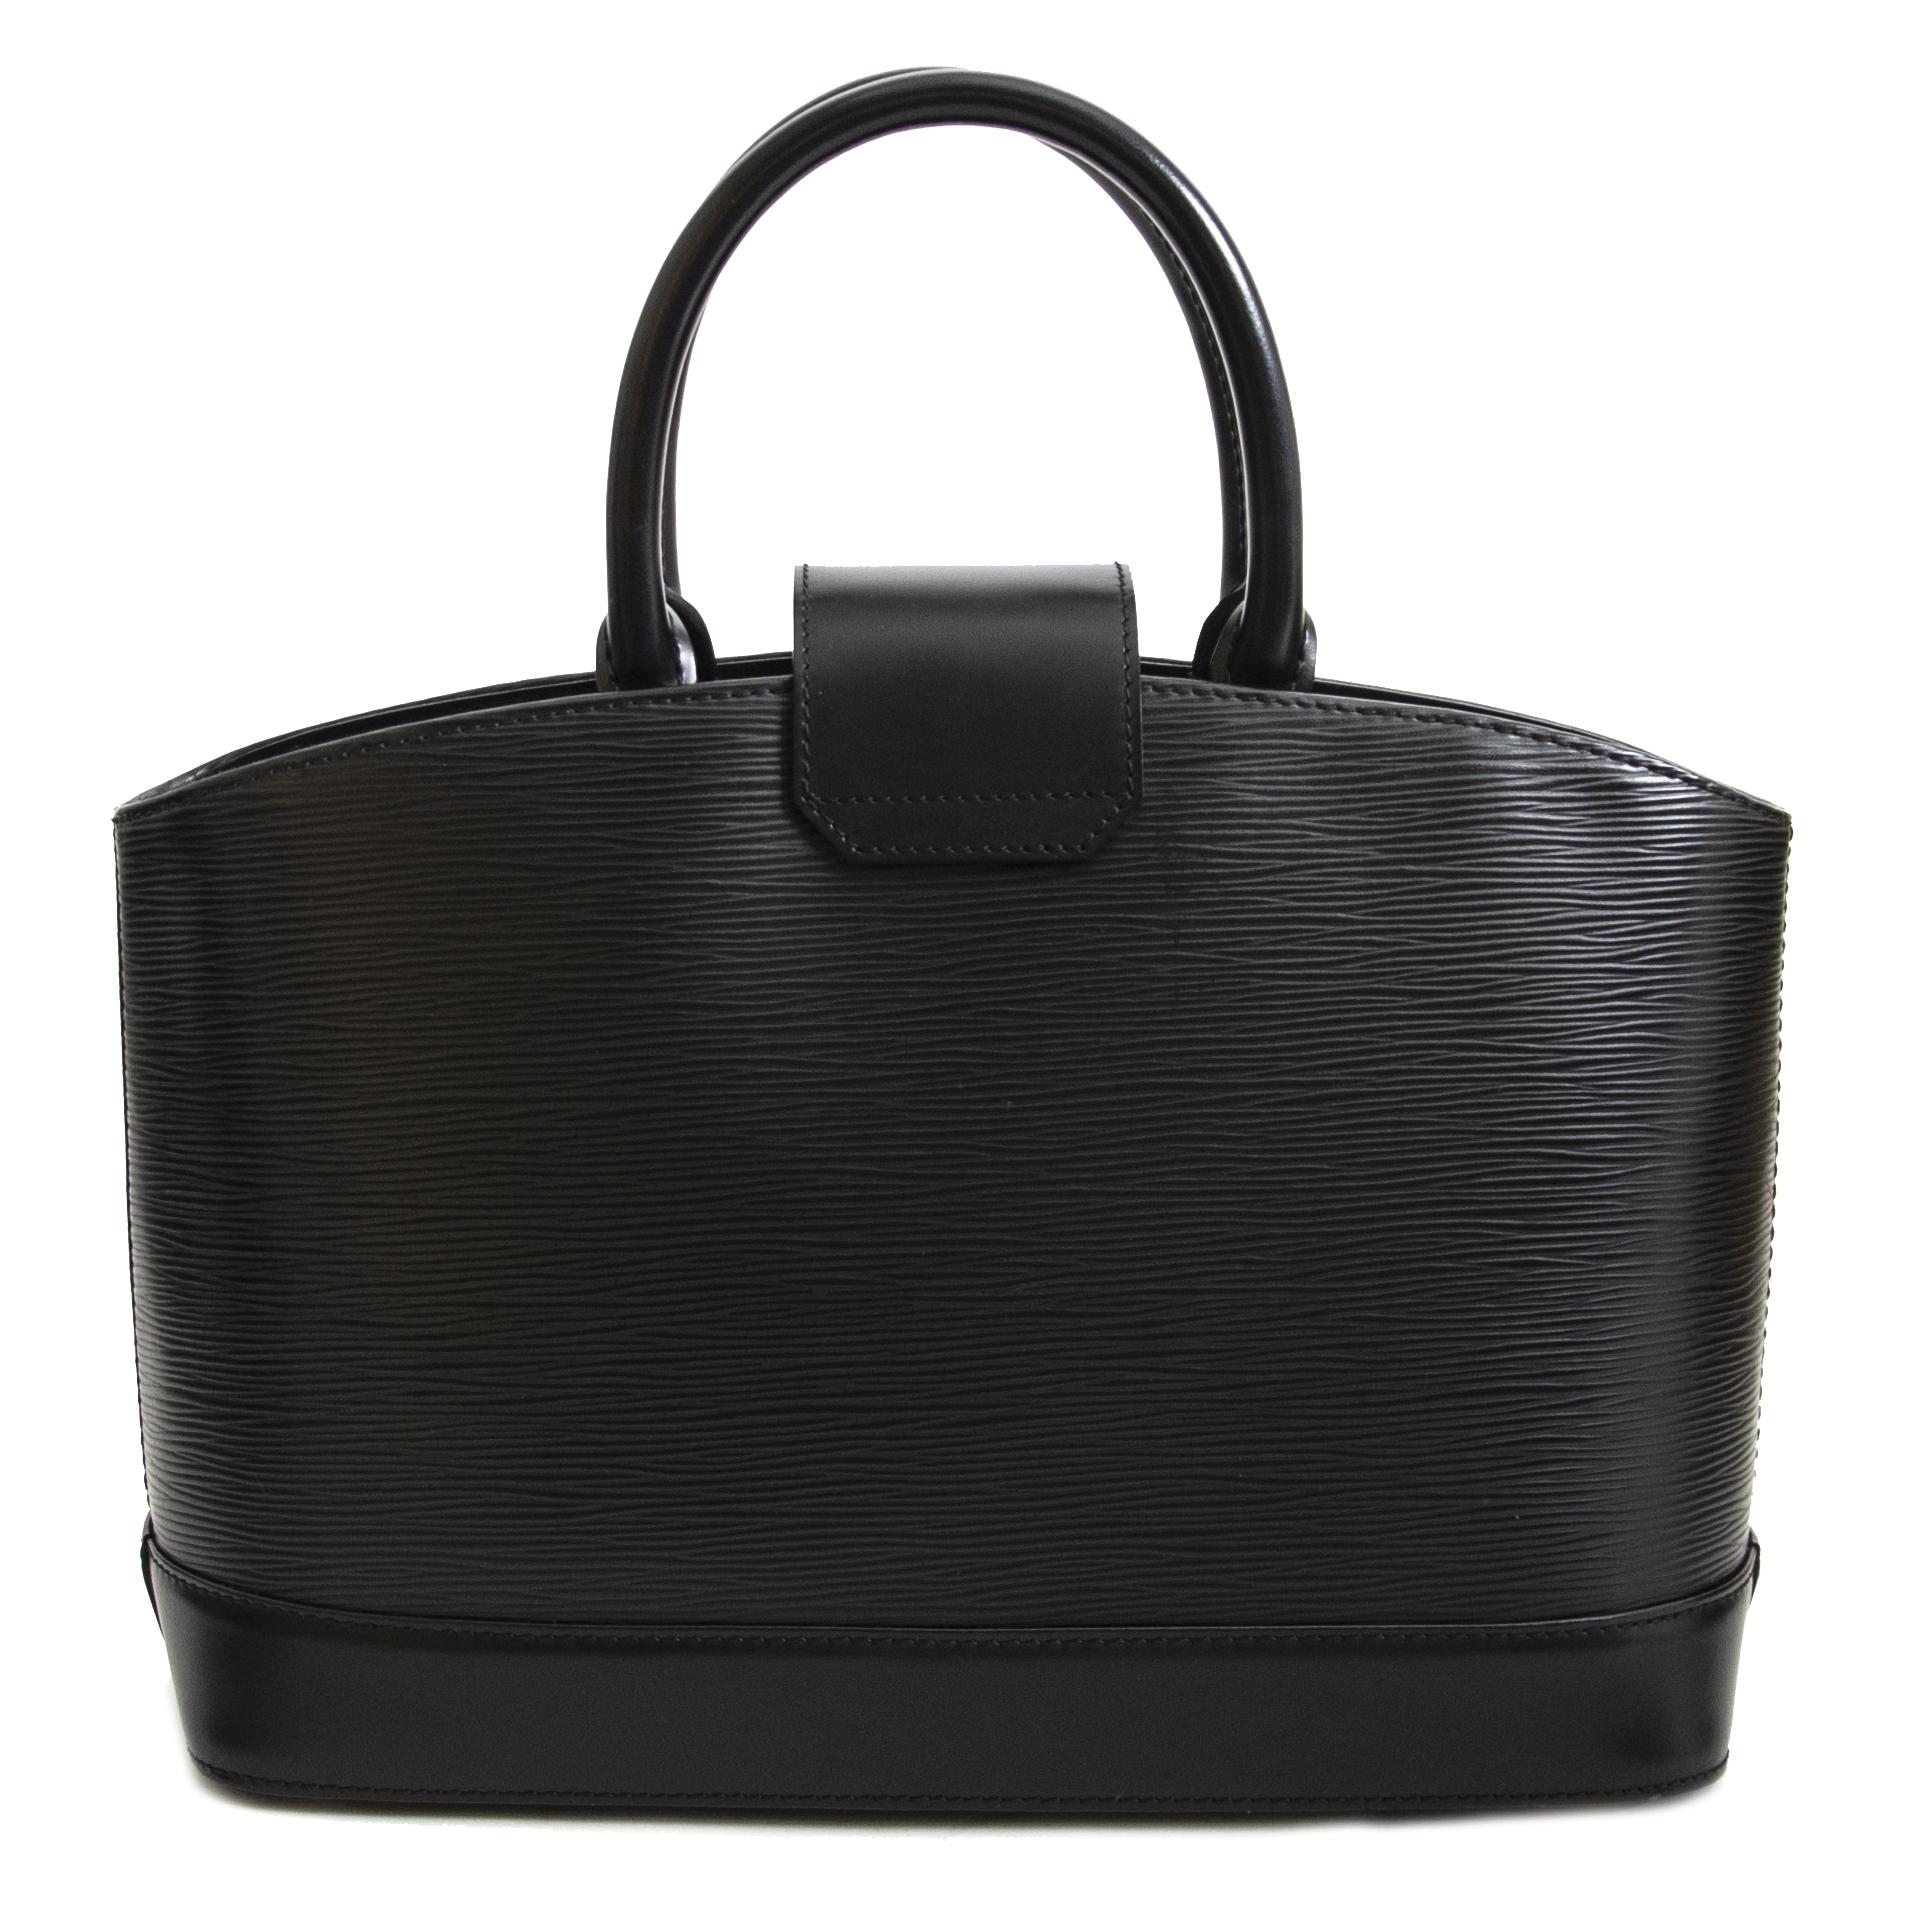 d0de34330db72 ... Authentic second hand Louis Vuitton Top Handle Bag buy online LabelLOV